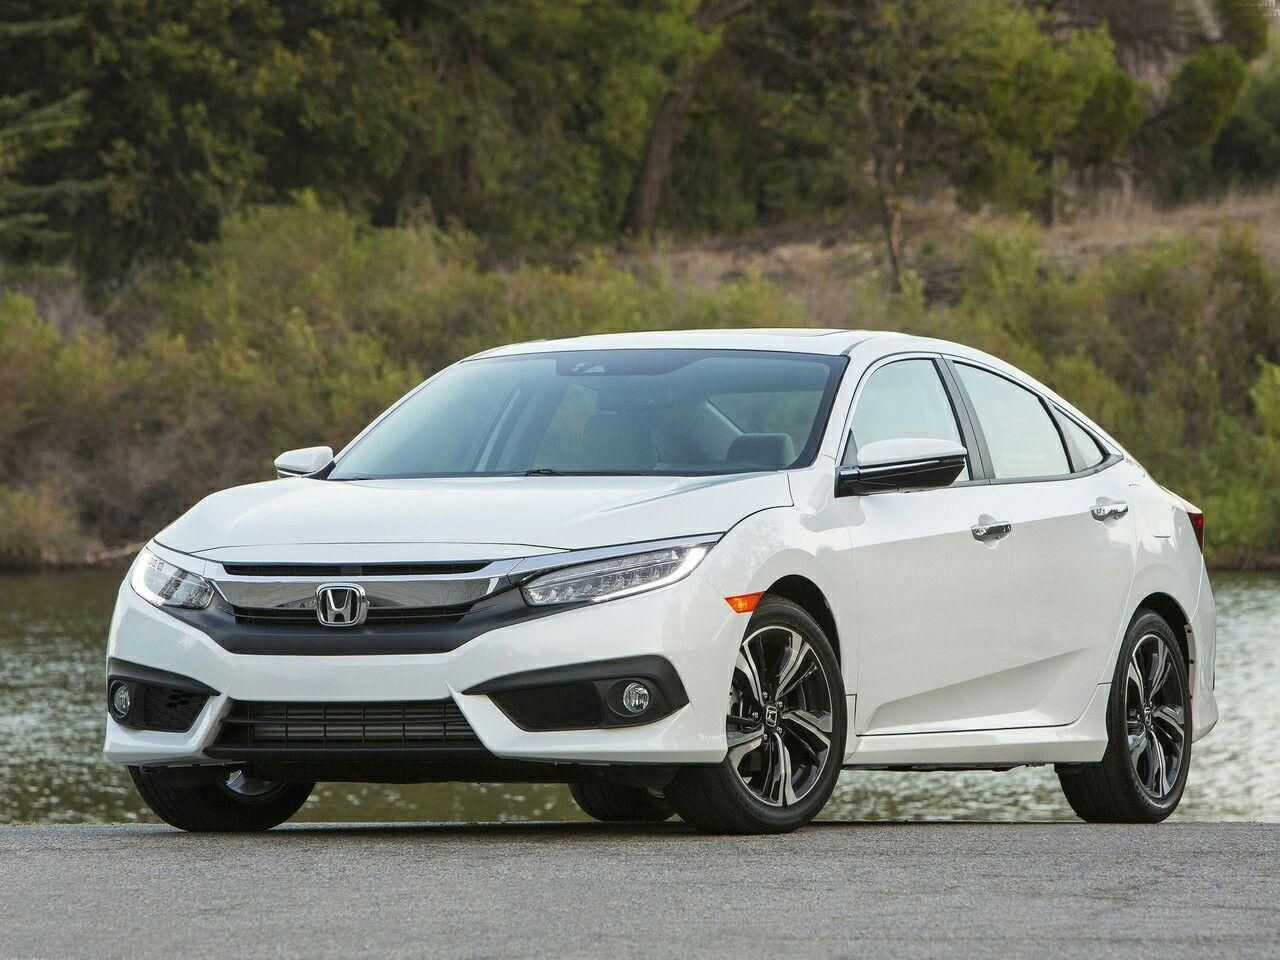 Honda Civic 2017 Honda Civic Sedan Carros Honda Civic Vtec